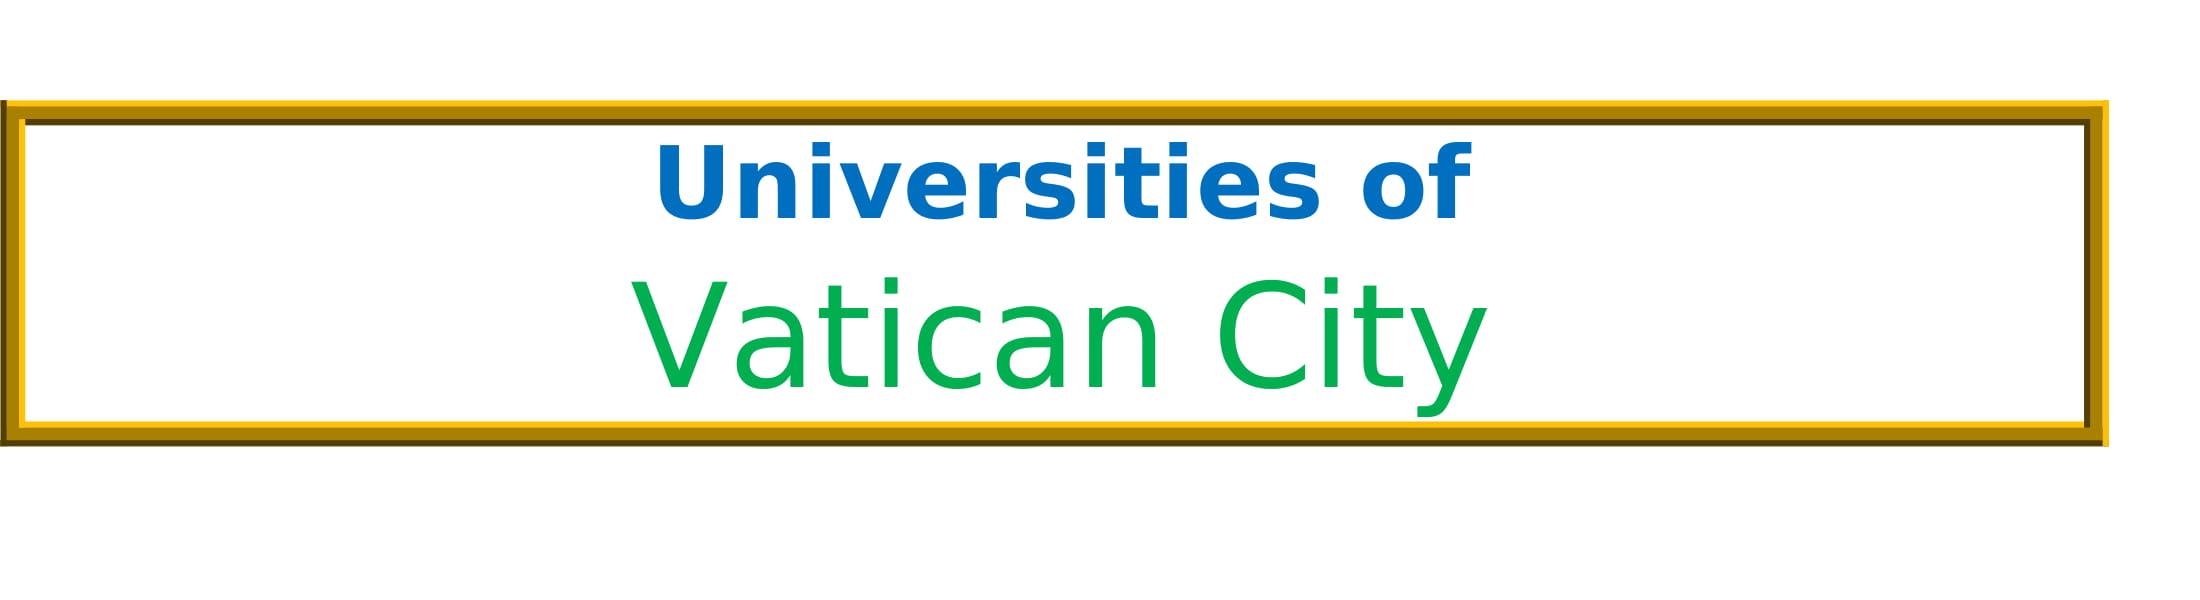 List of Universities in Vatican City